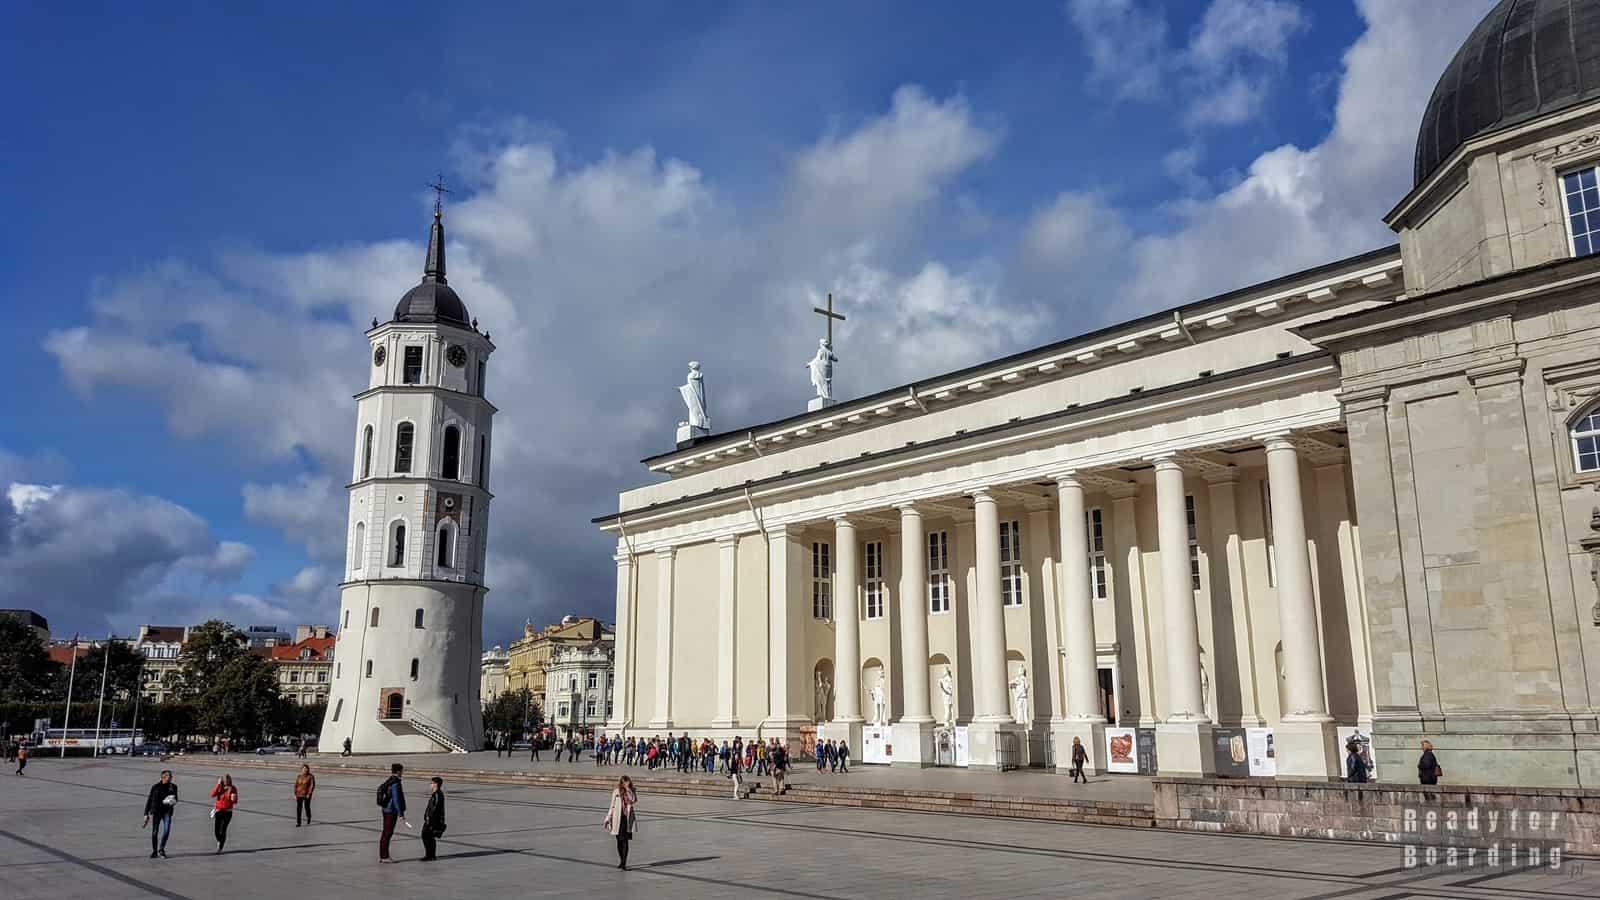 Litwa - Wilno (galeria zdjęć)